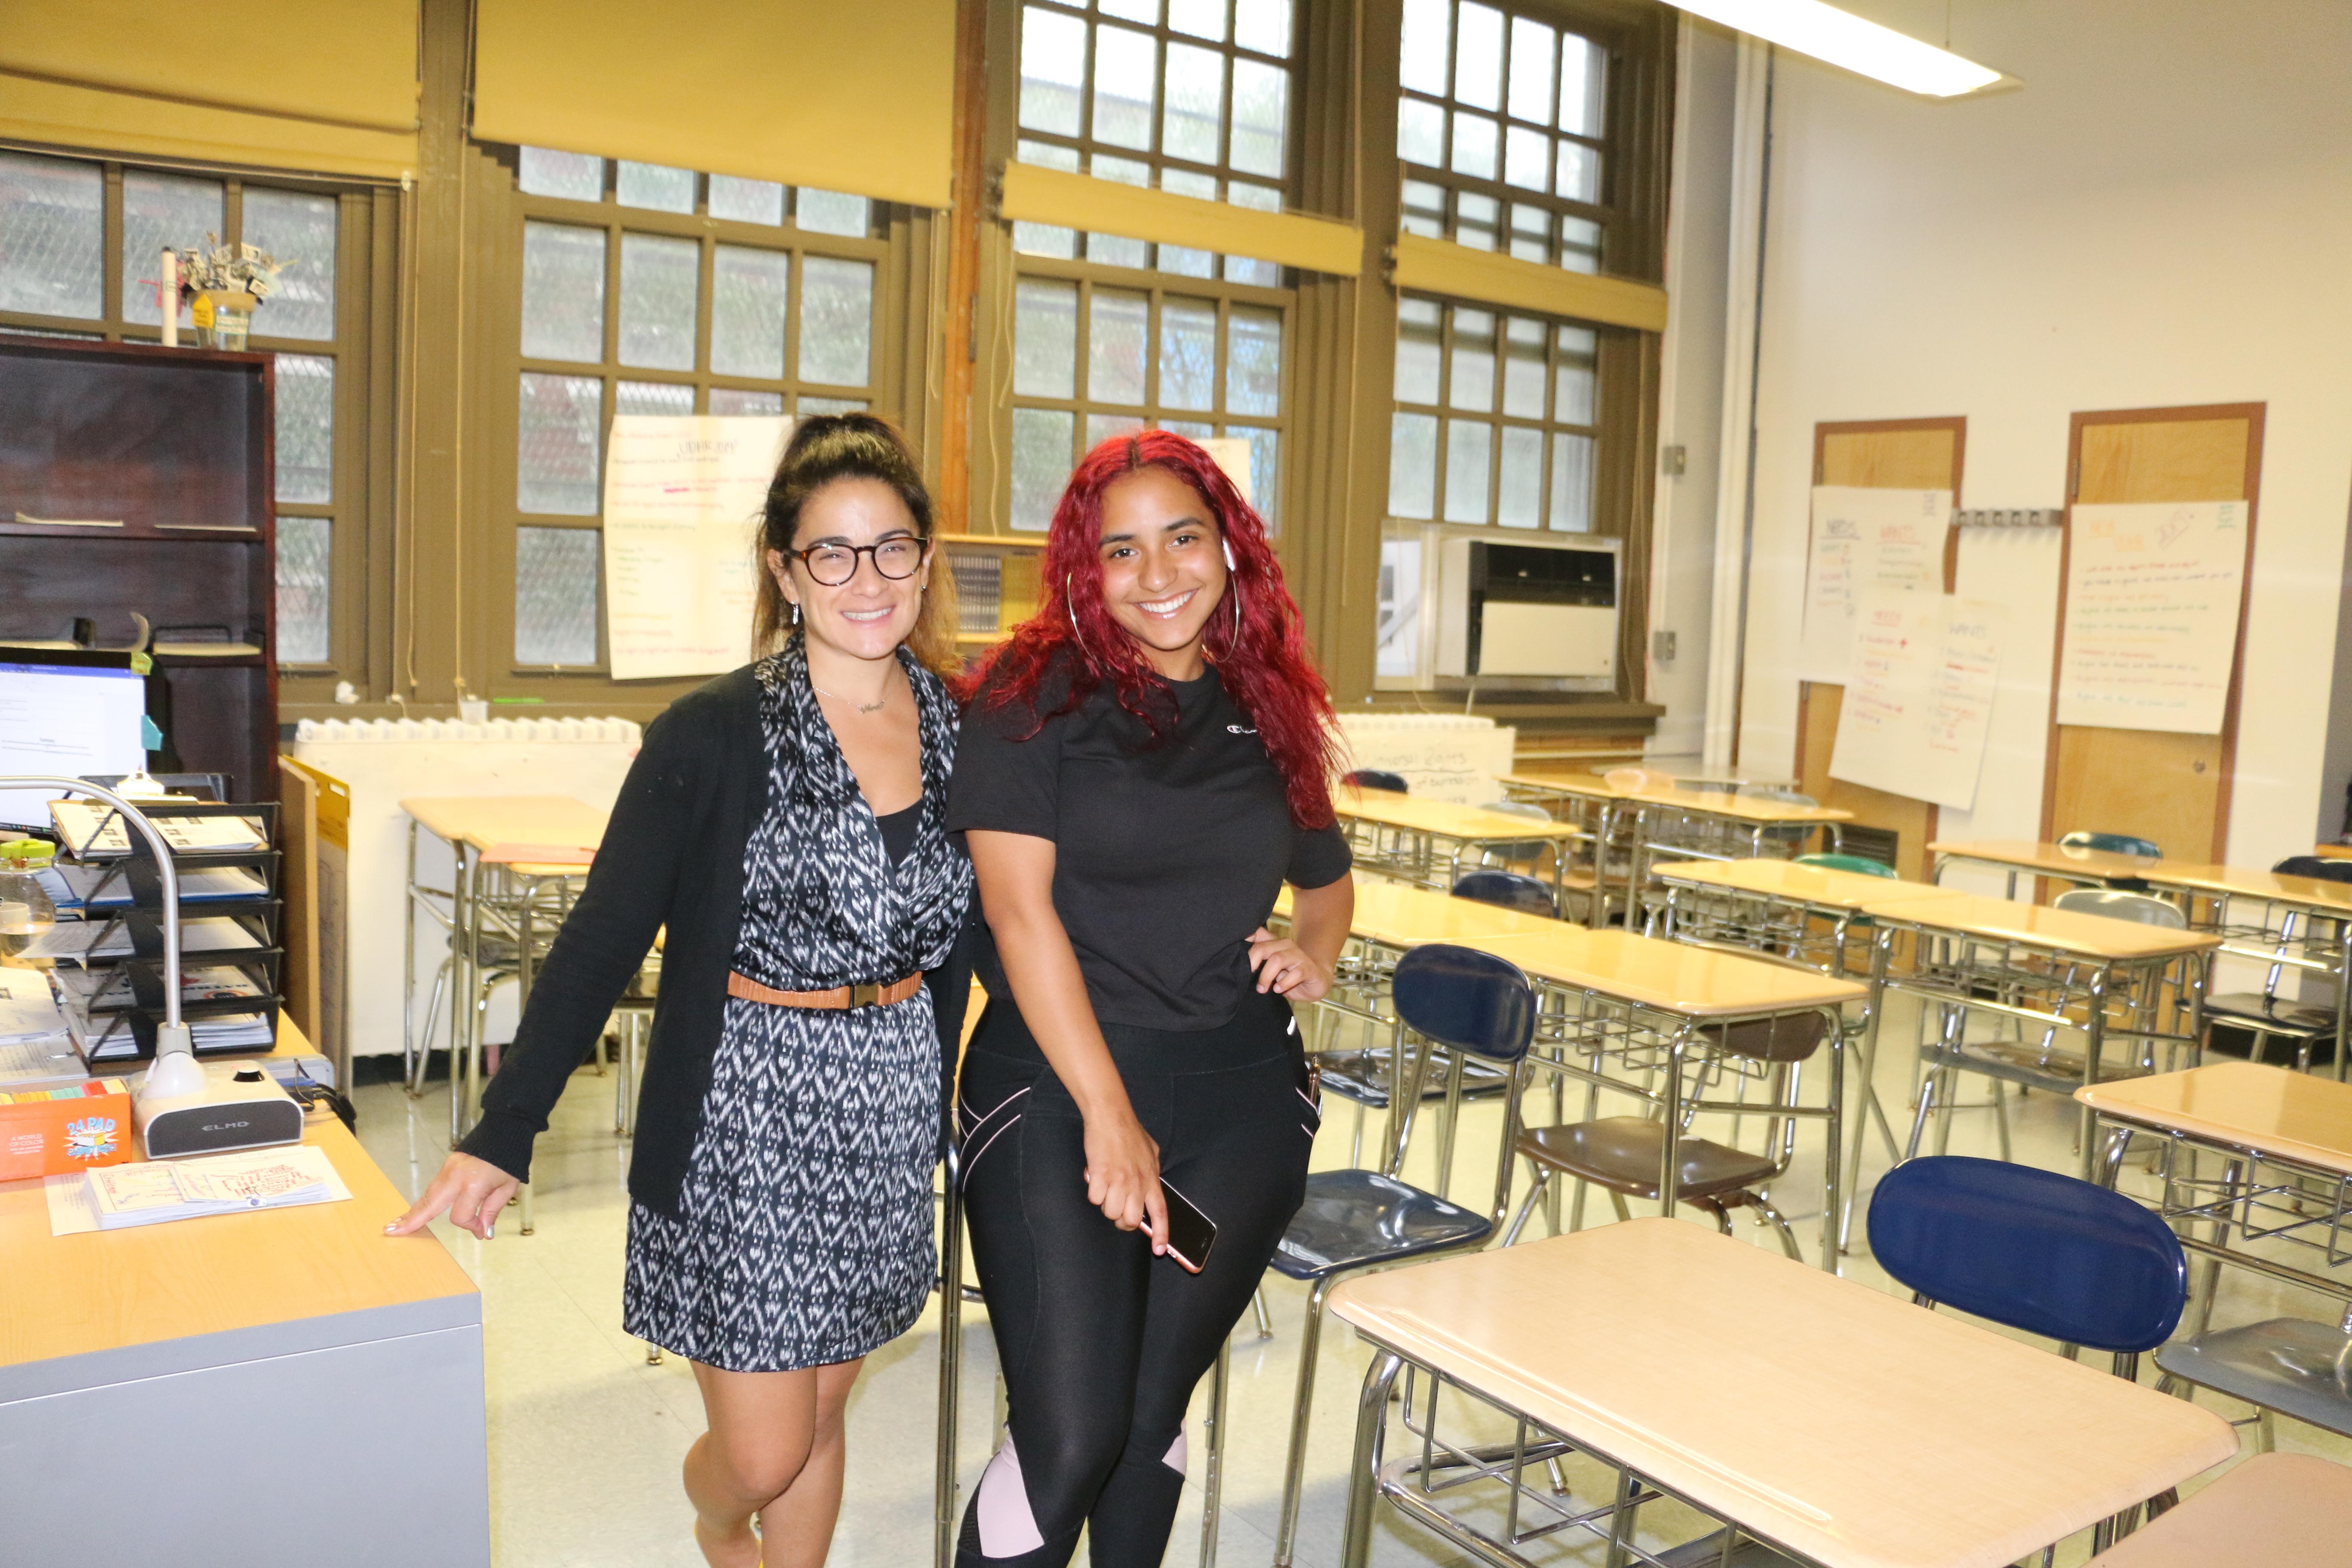 Classroom Room 238